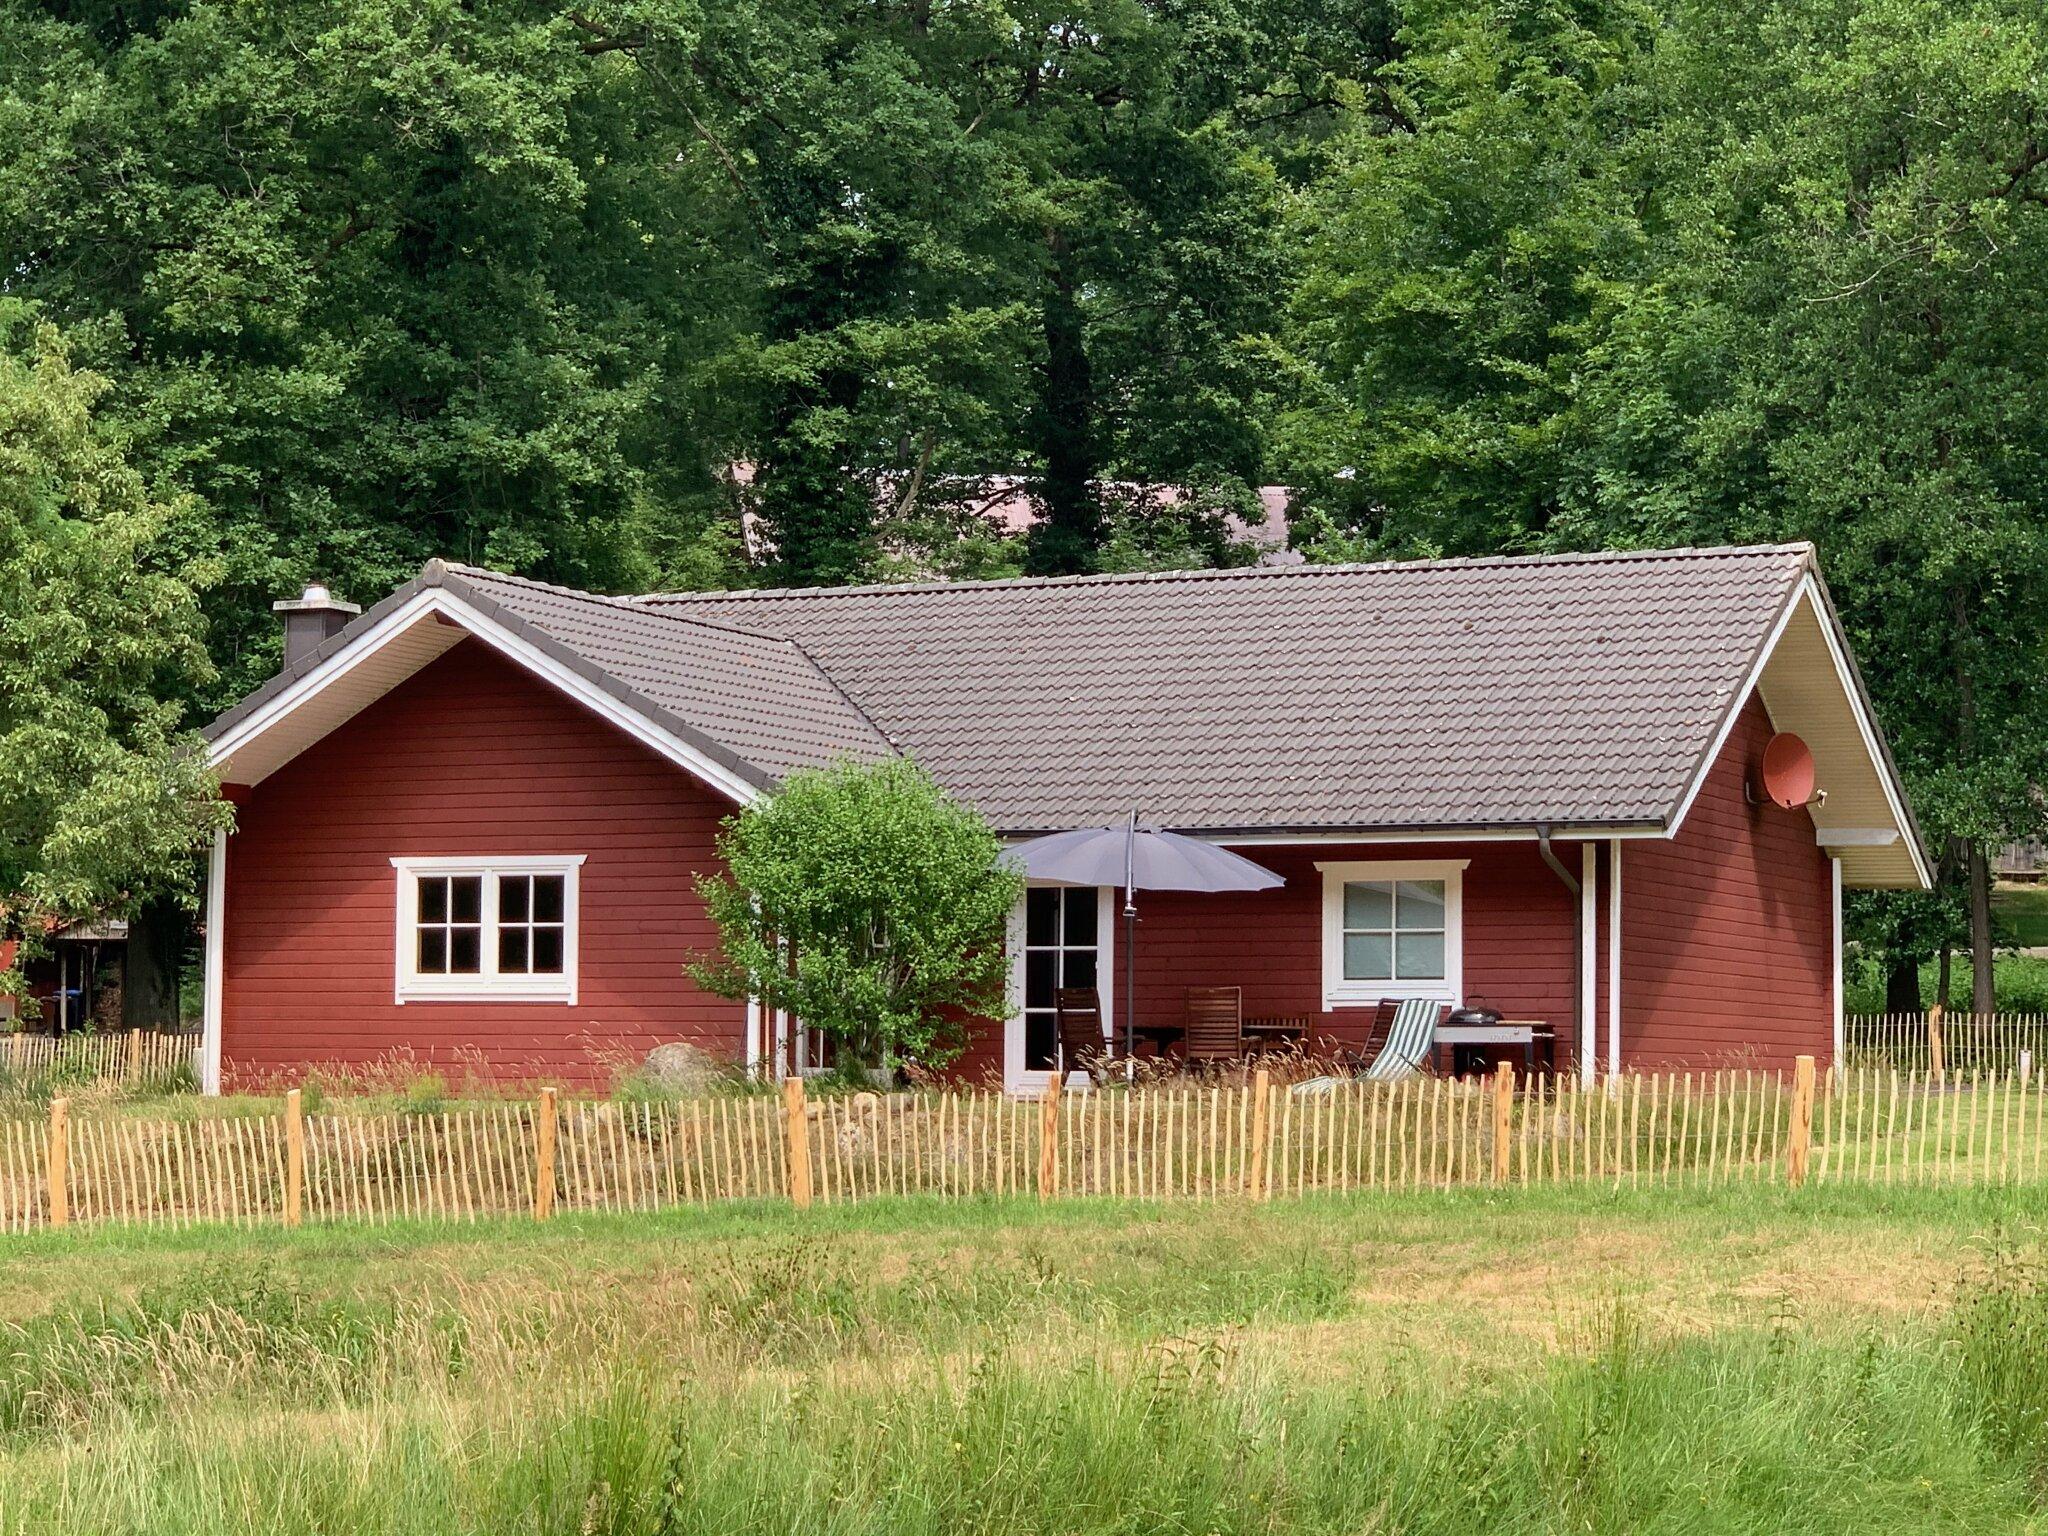 Zusatzbild Nr. 12 von Waldhütten - Ferienhaus am Teich